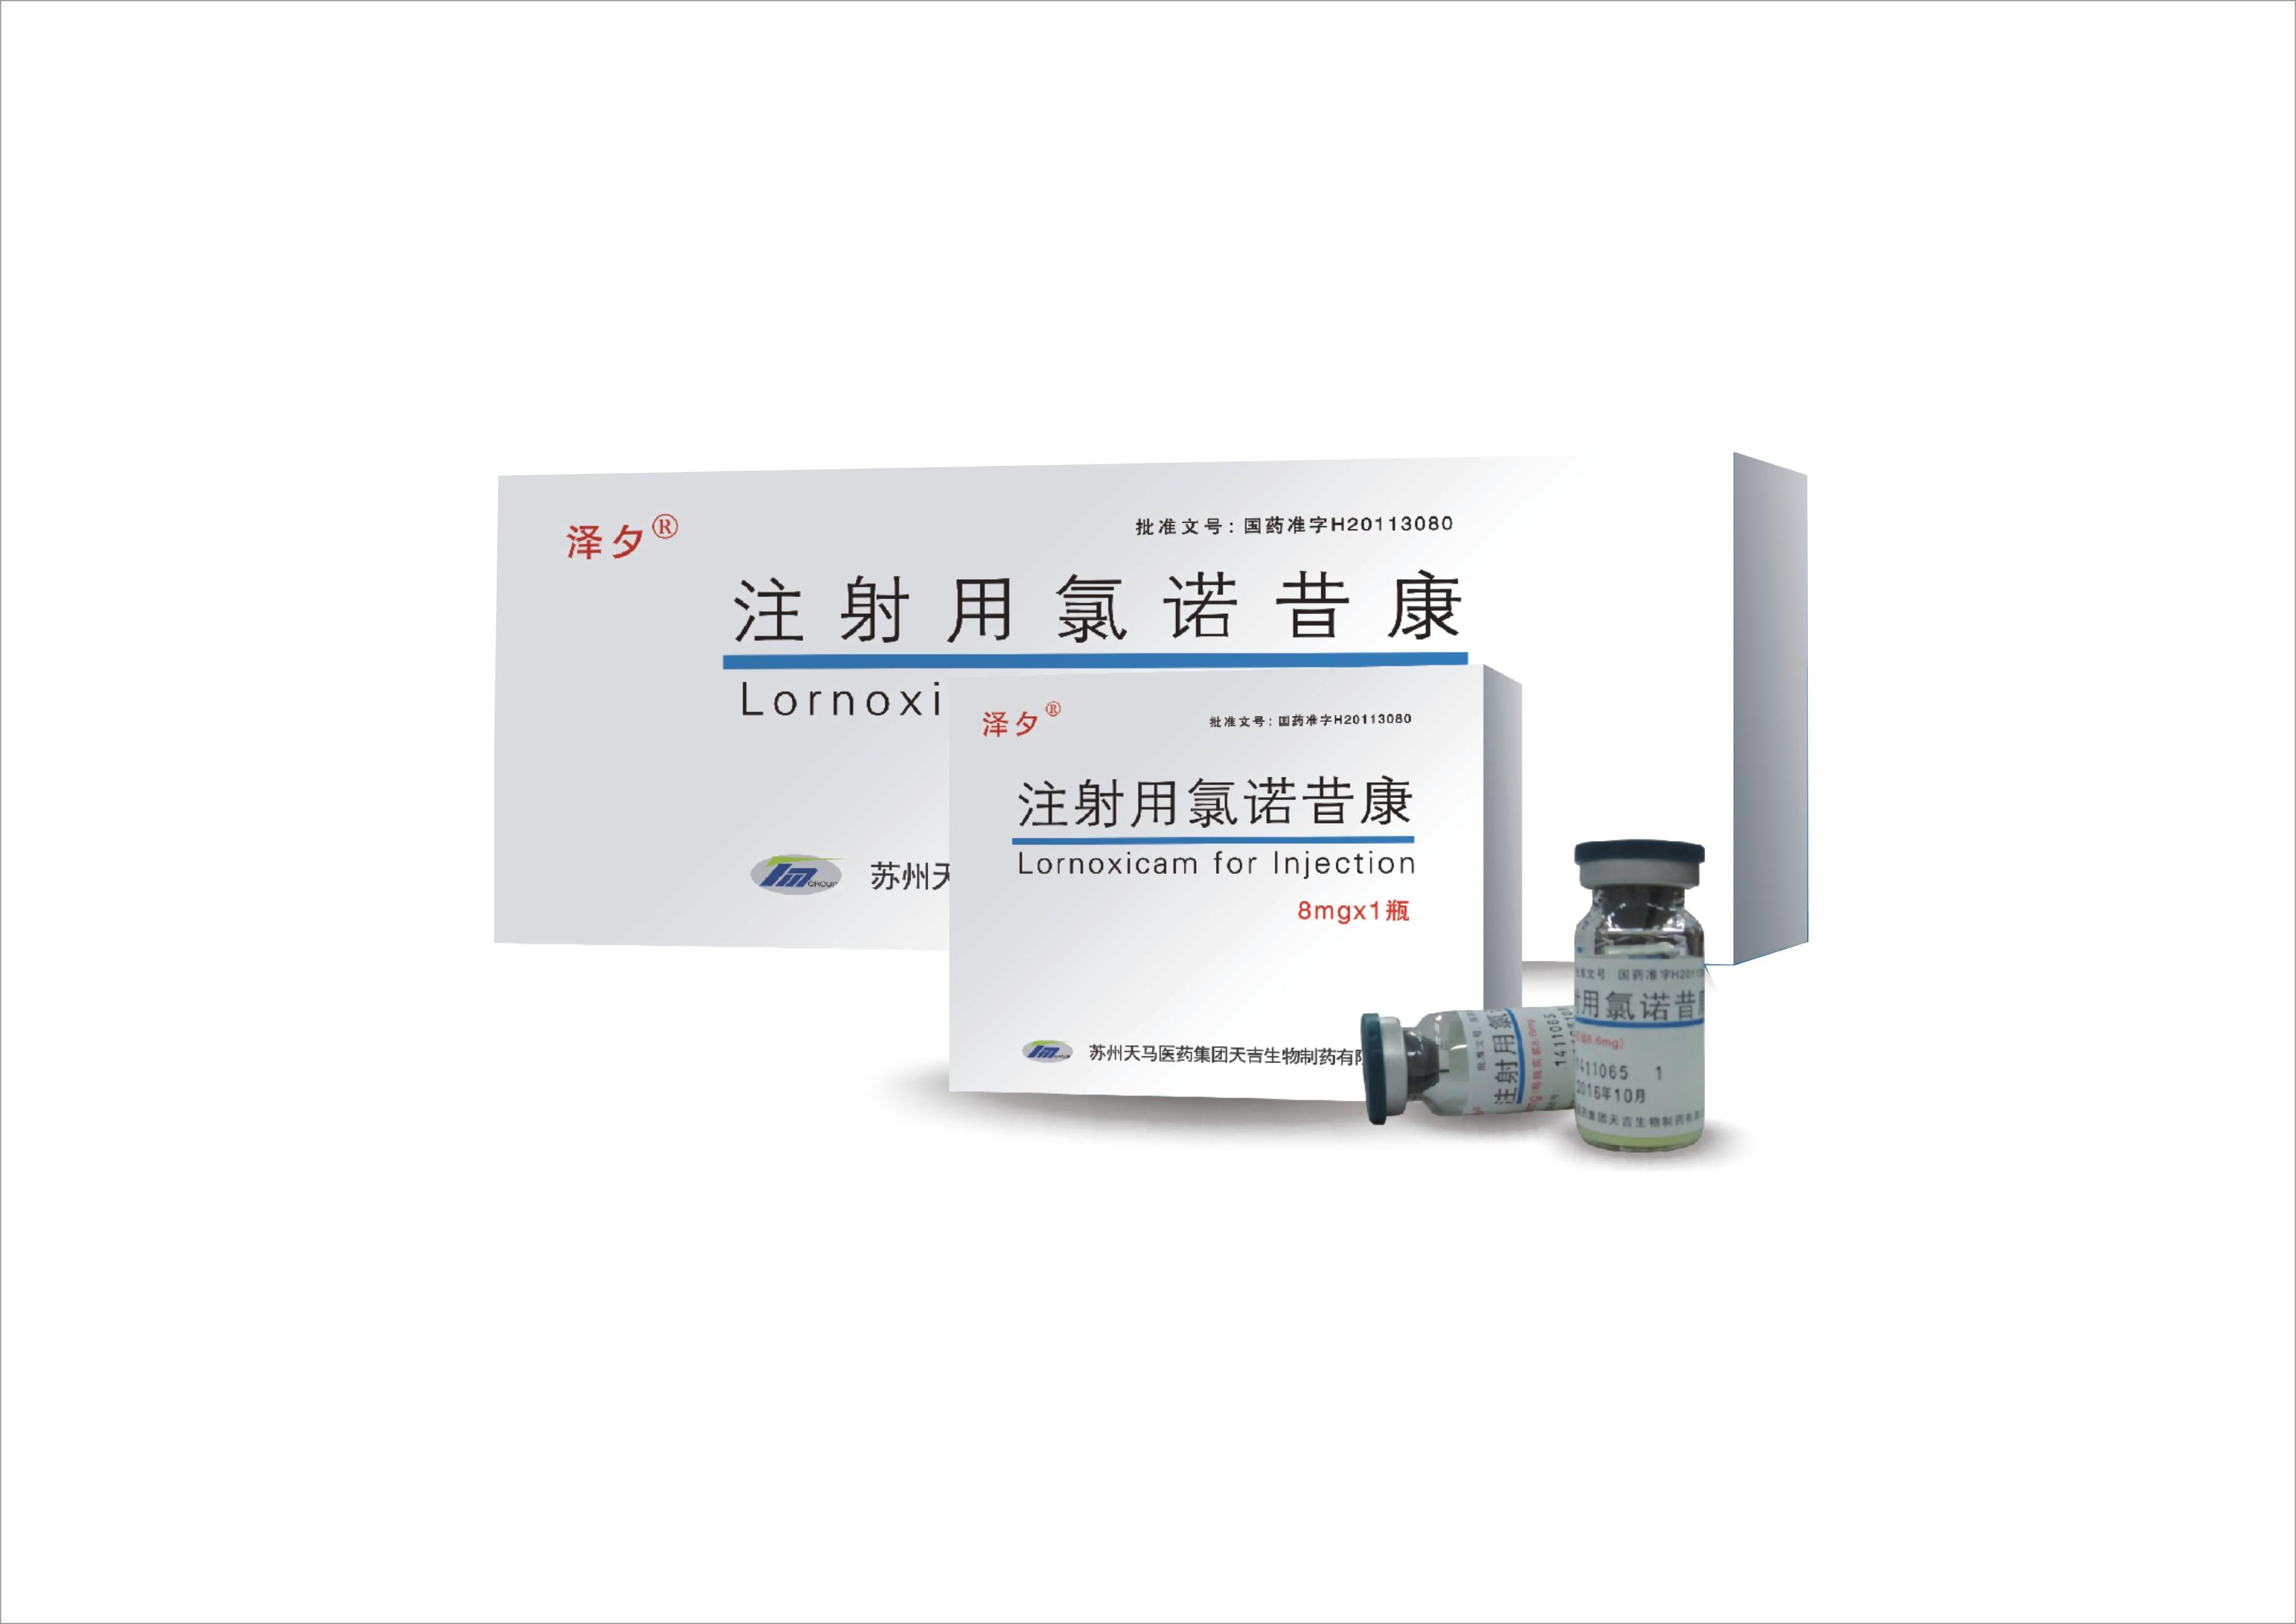 ロルノキシカム注射液